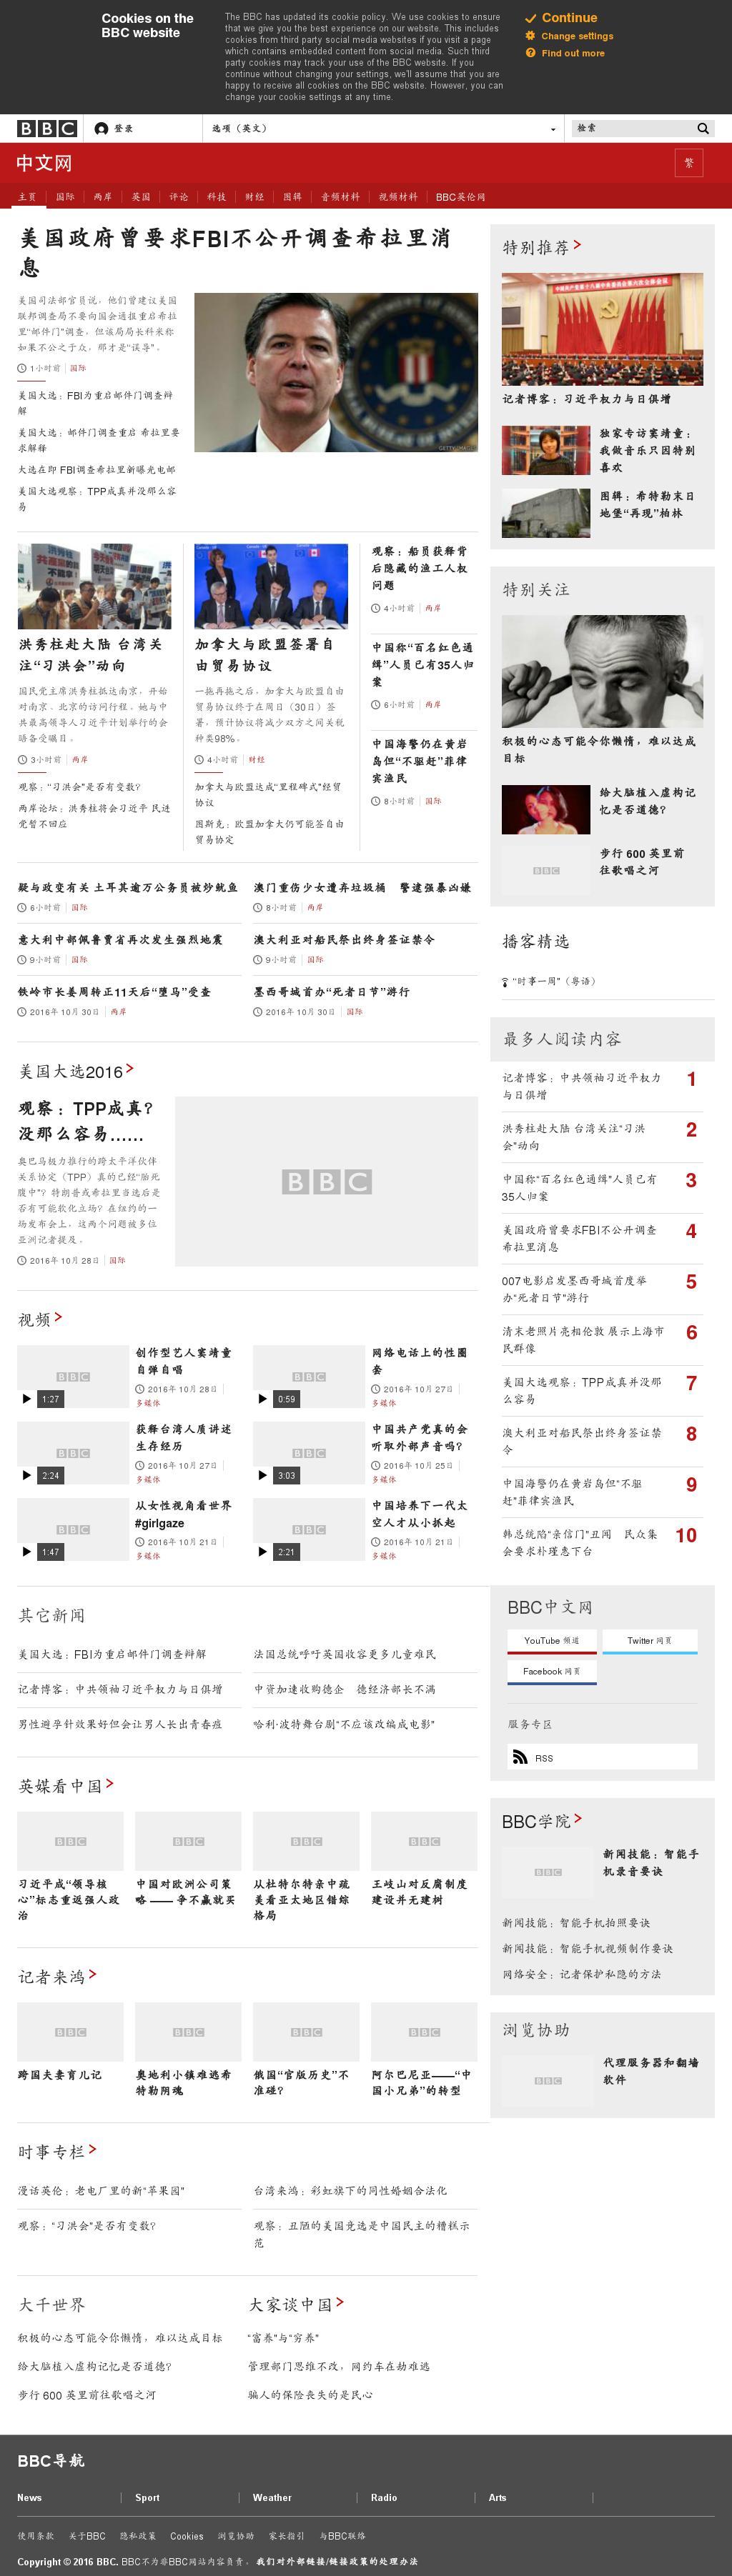 BBC (Chinese) at Sunday Oct. 30, 2016, 7 p.m. UTC